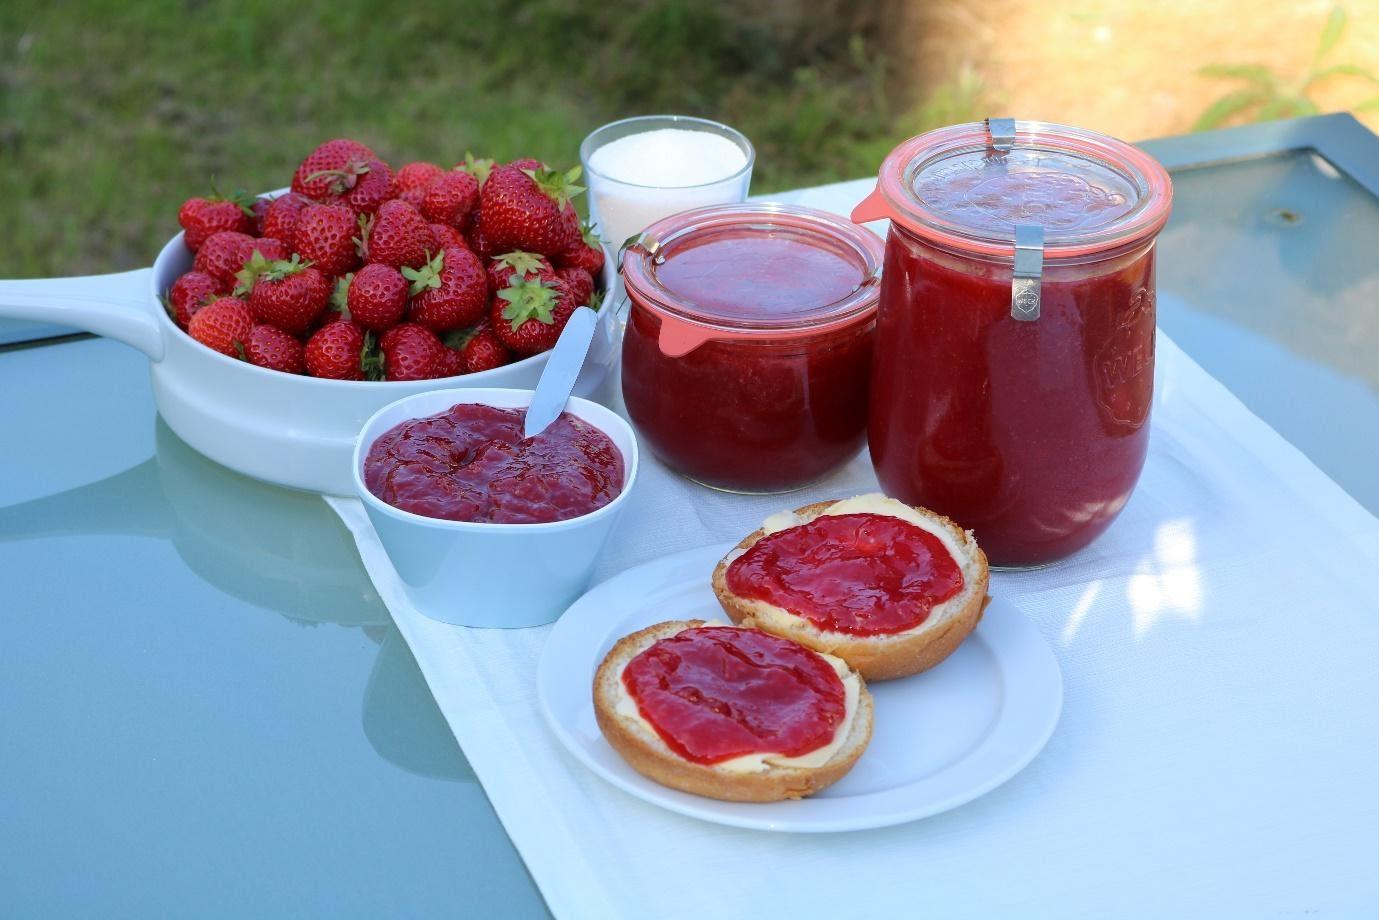 Hjemmelavet jordbær-marmelade opskrift selvforsyning DIY